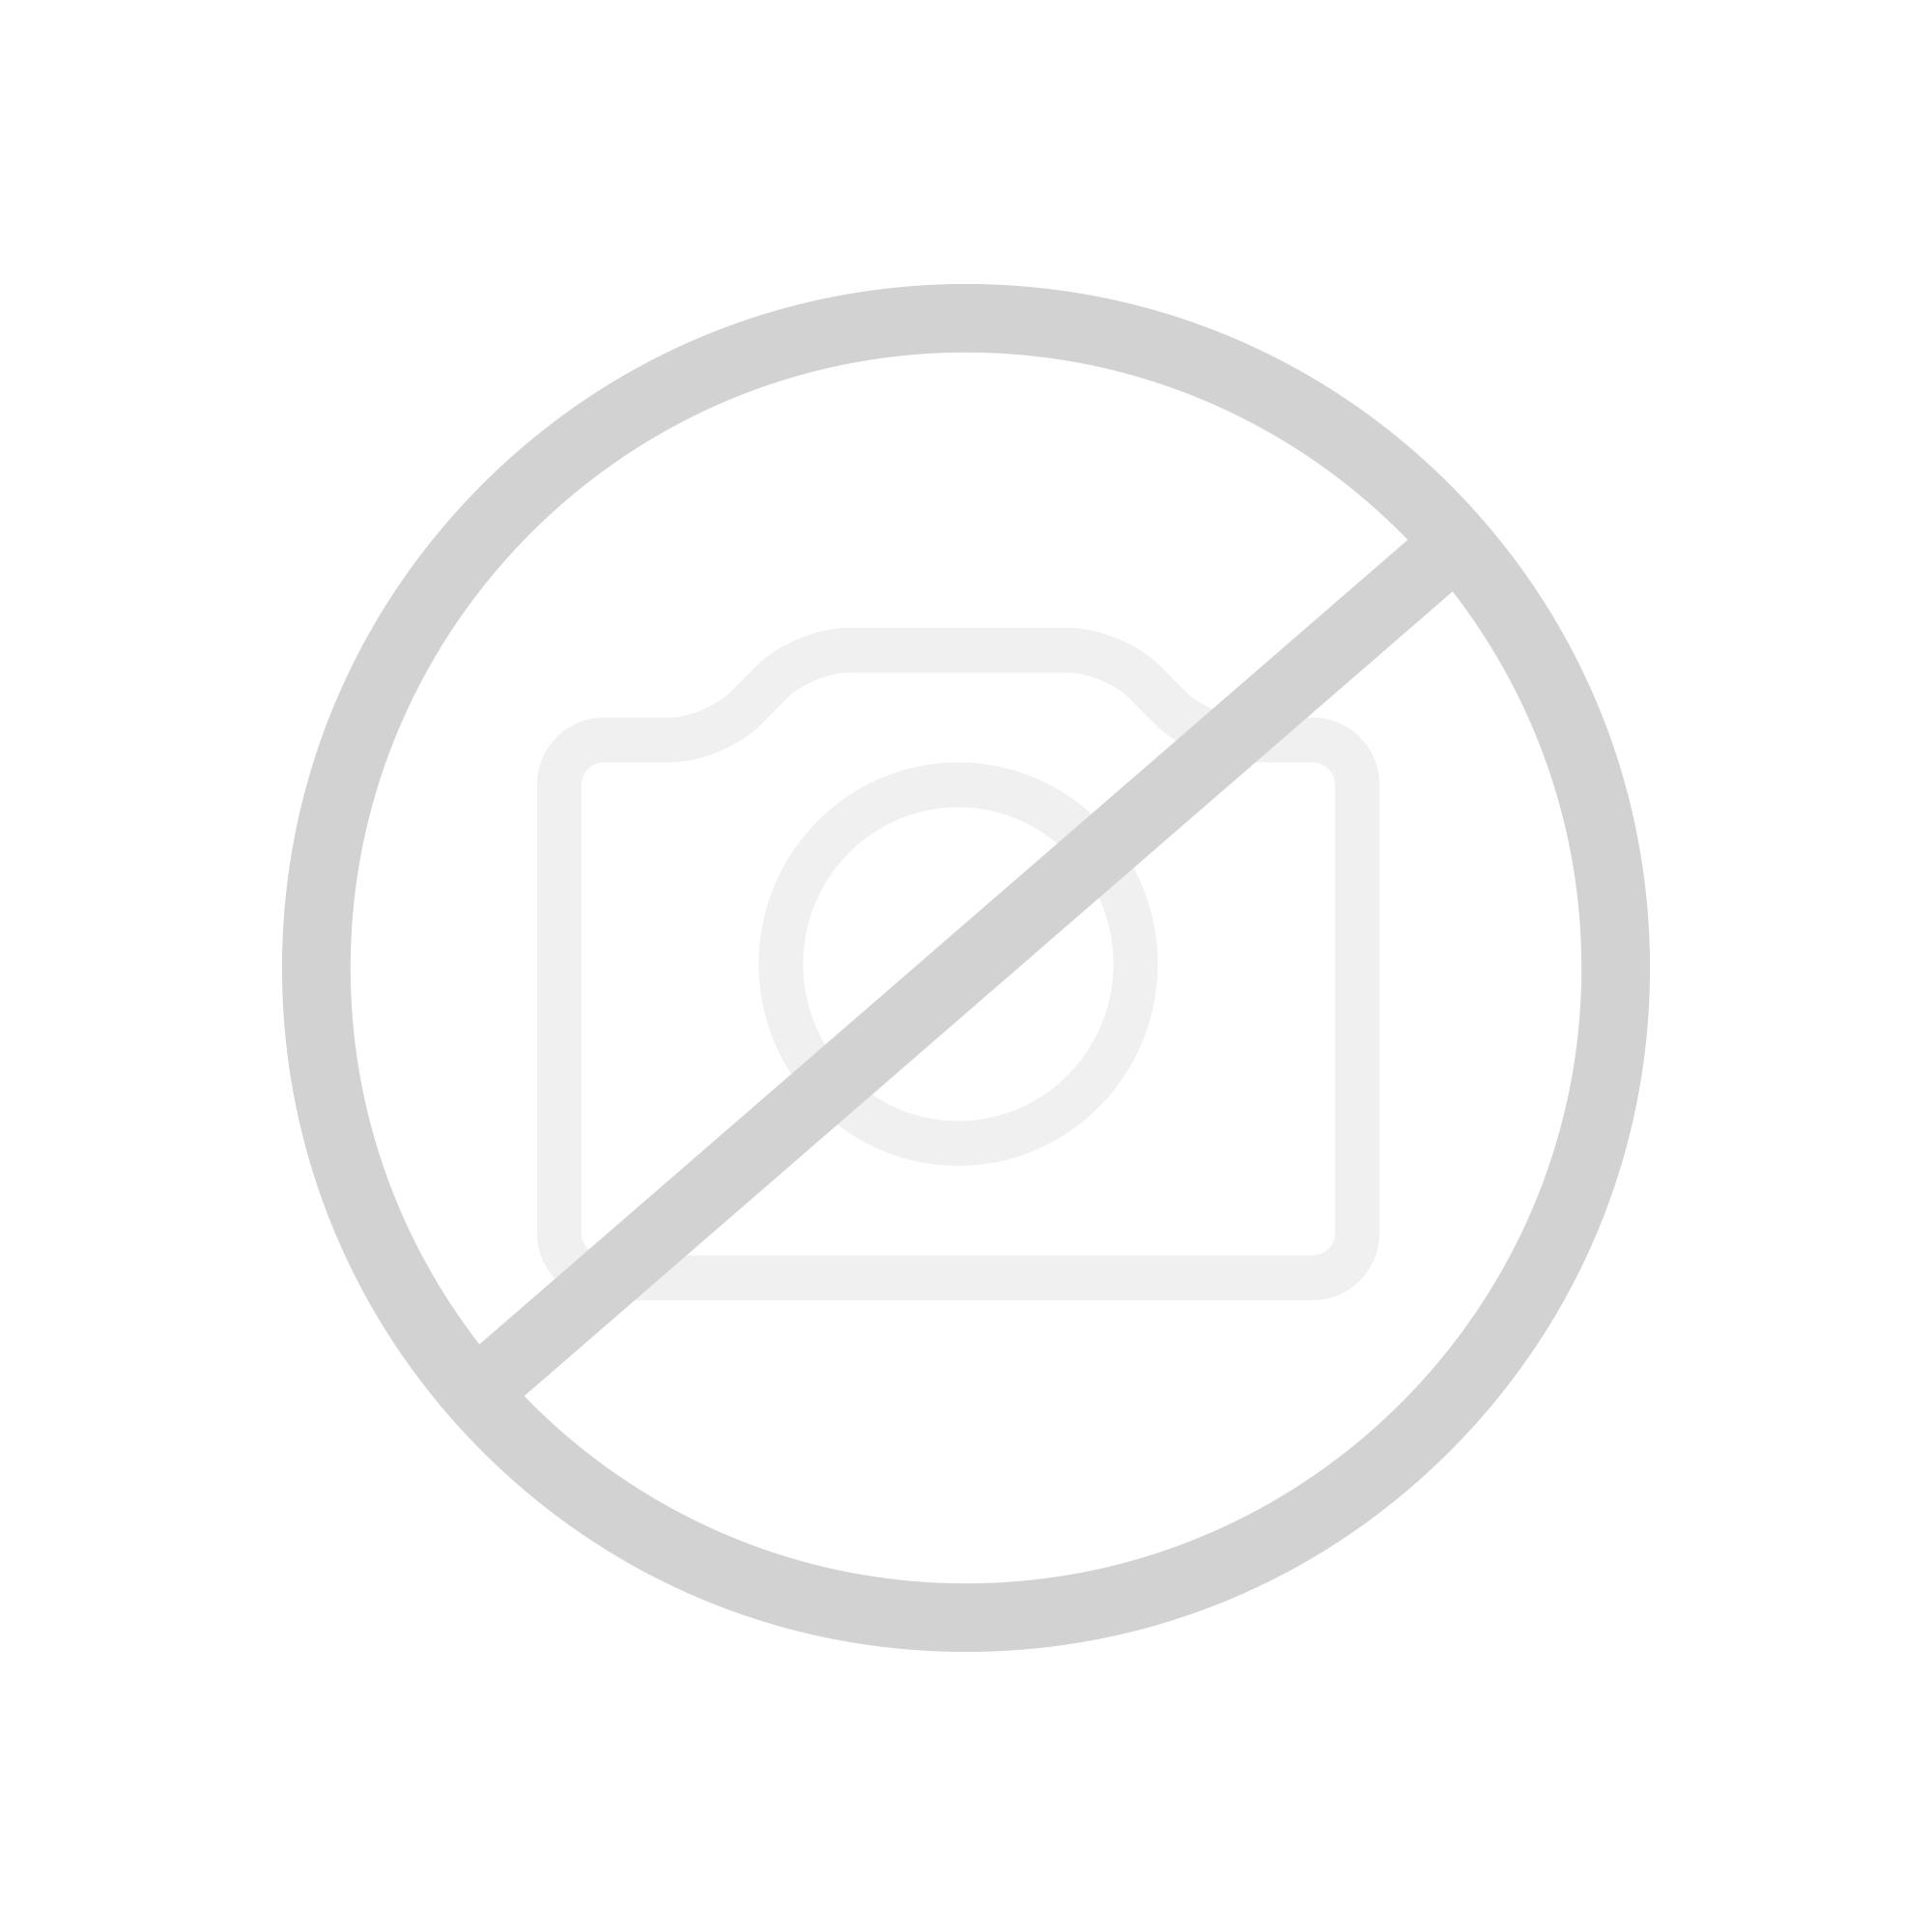 Keuco PLAN WC-Bürstengarnitur 14972 wandhängend chrom